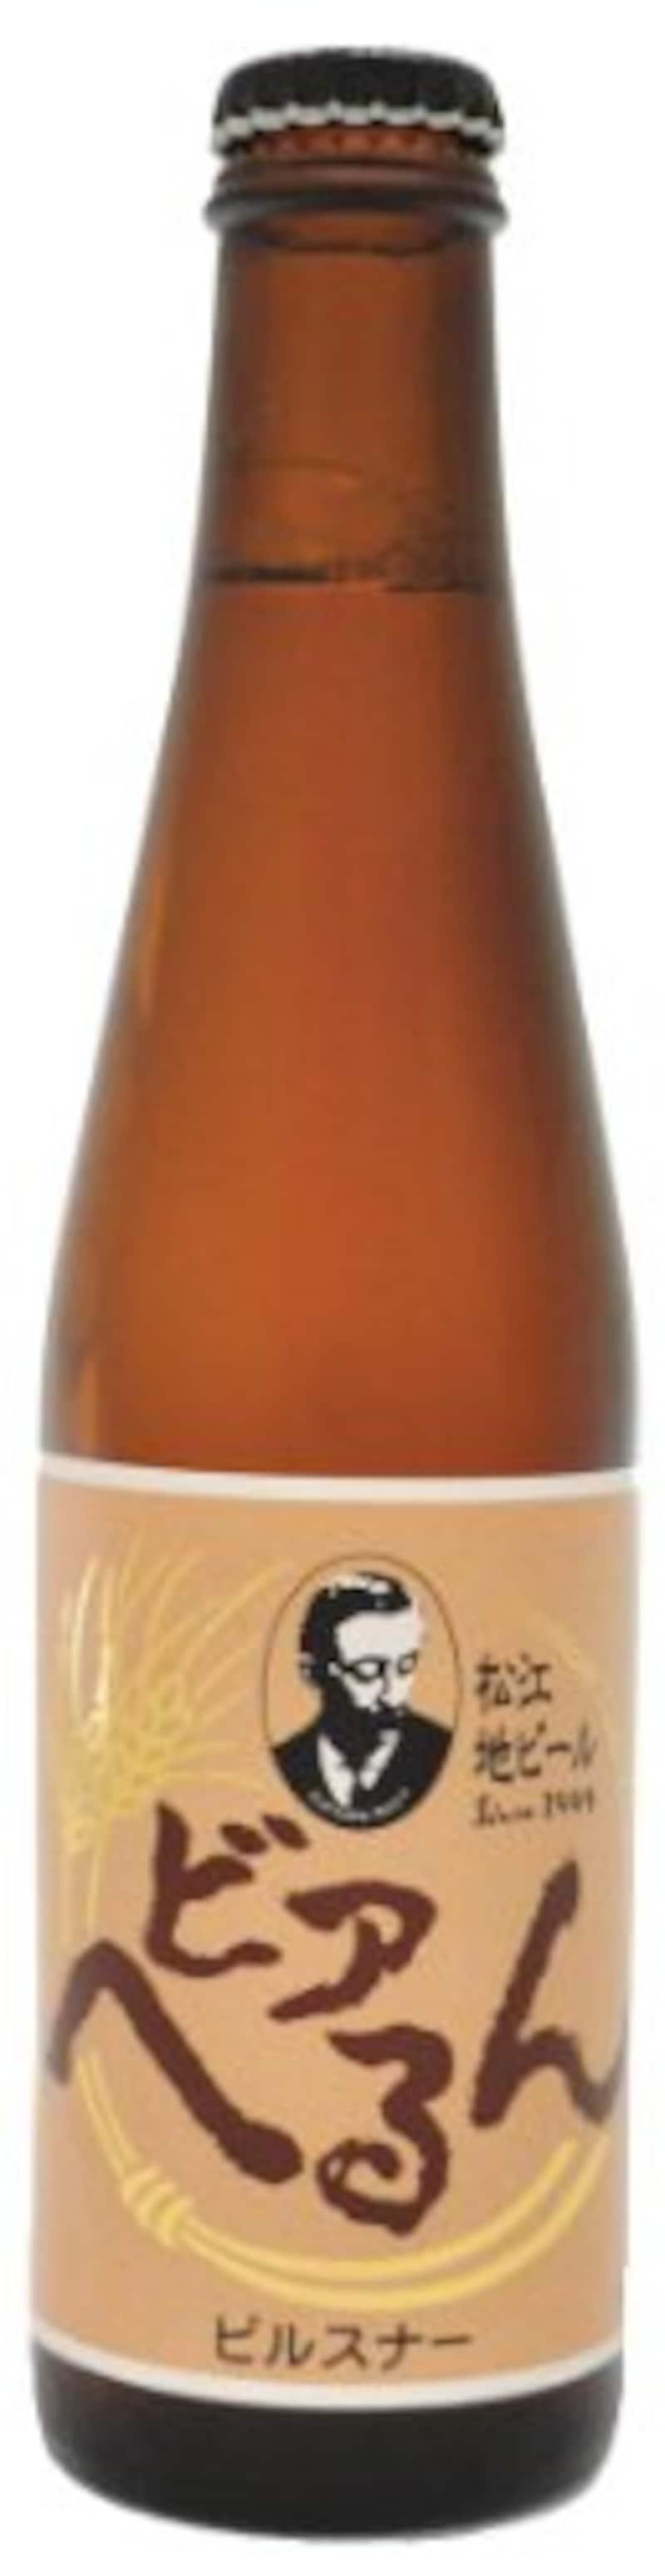 島根ビール株式会社,松江地ビールビアへるん 24本 1ケース